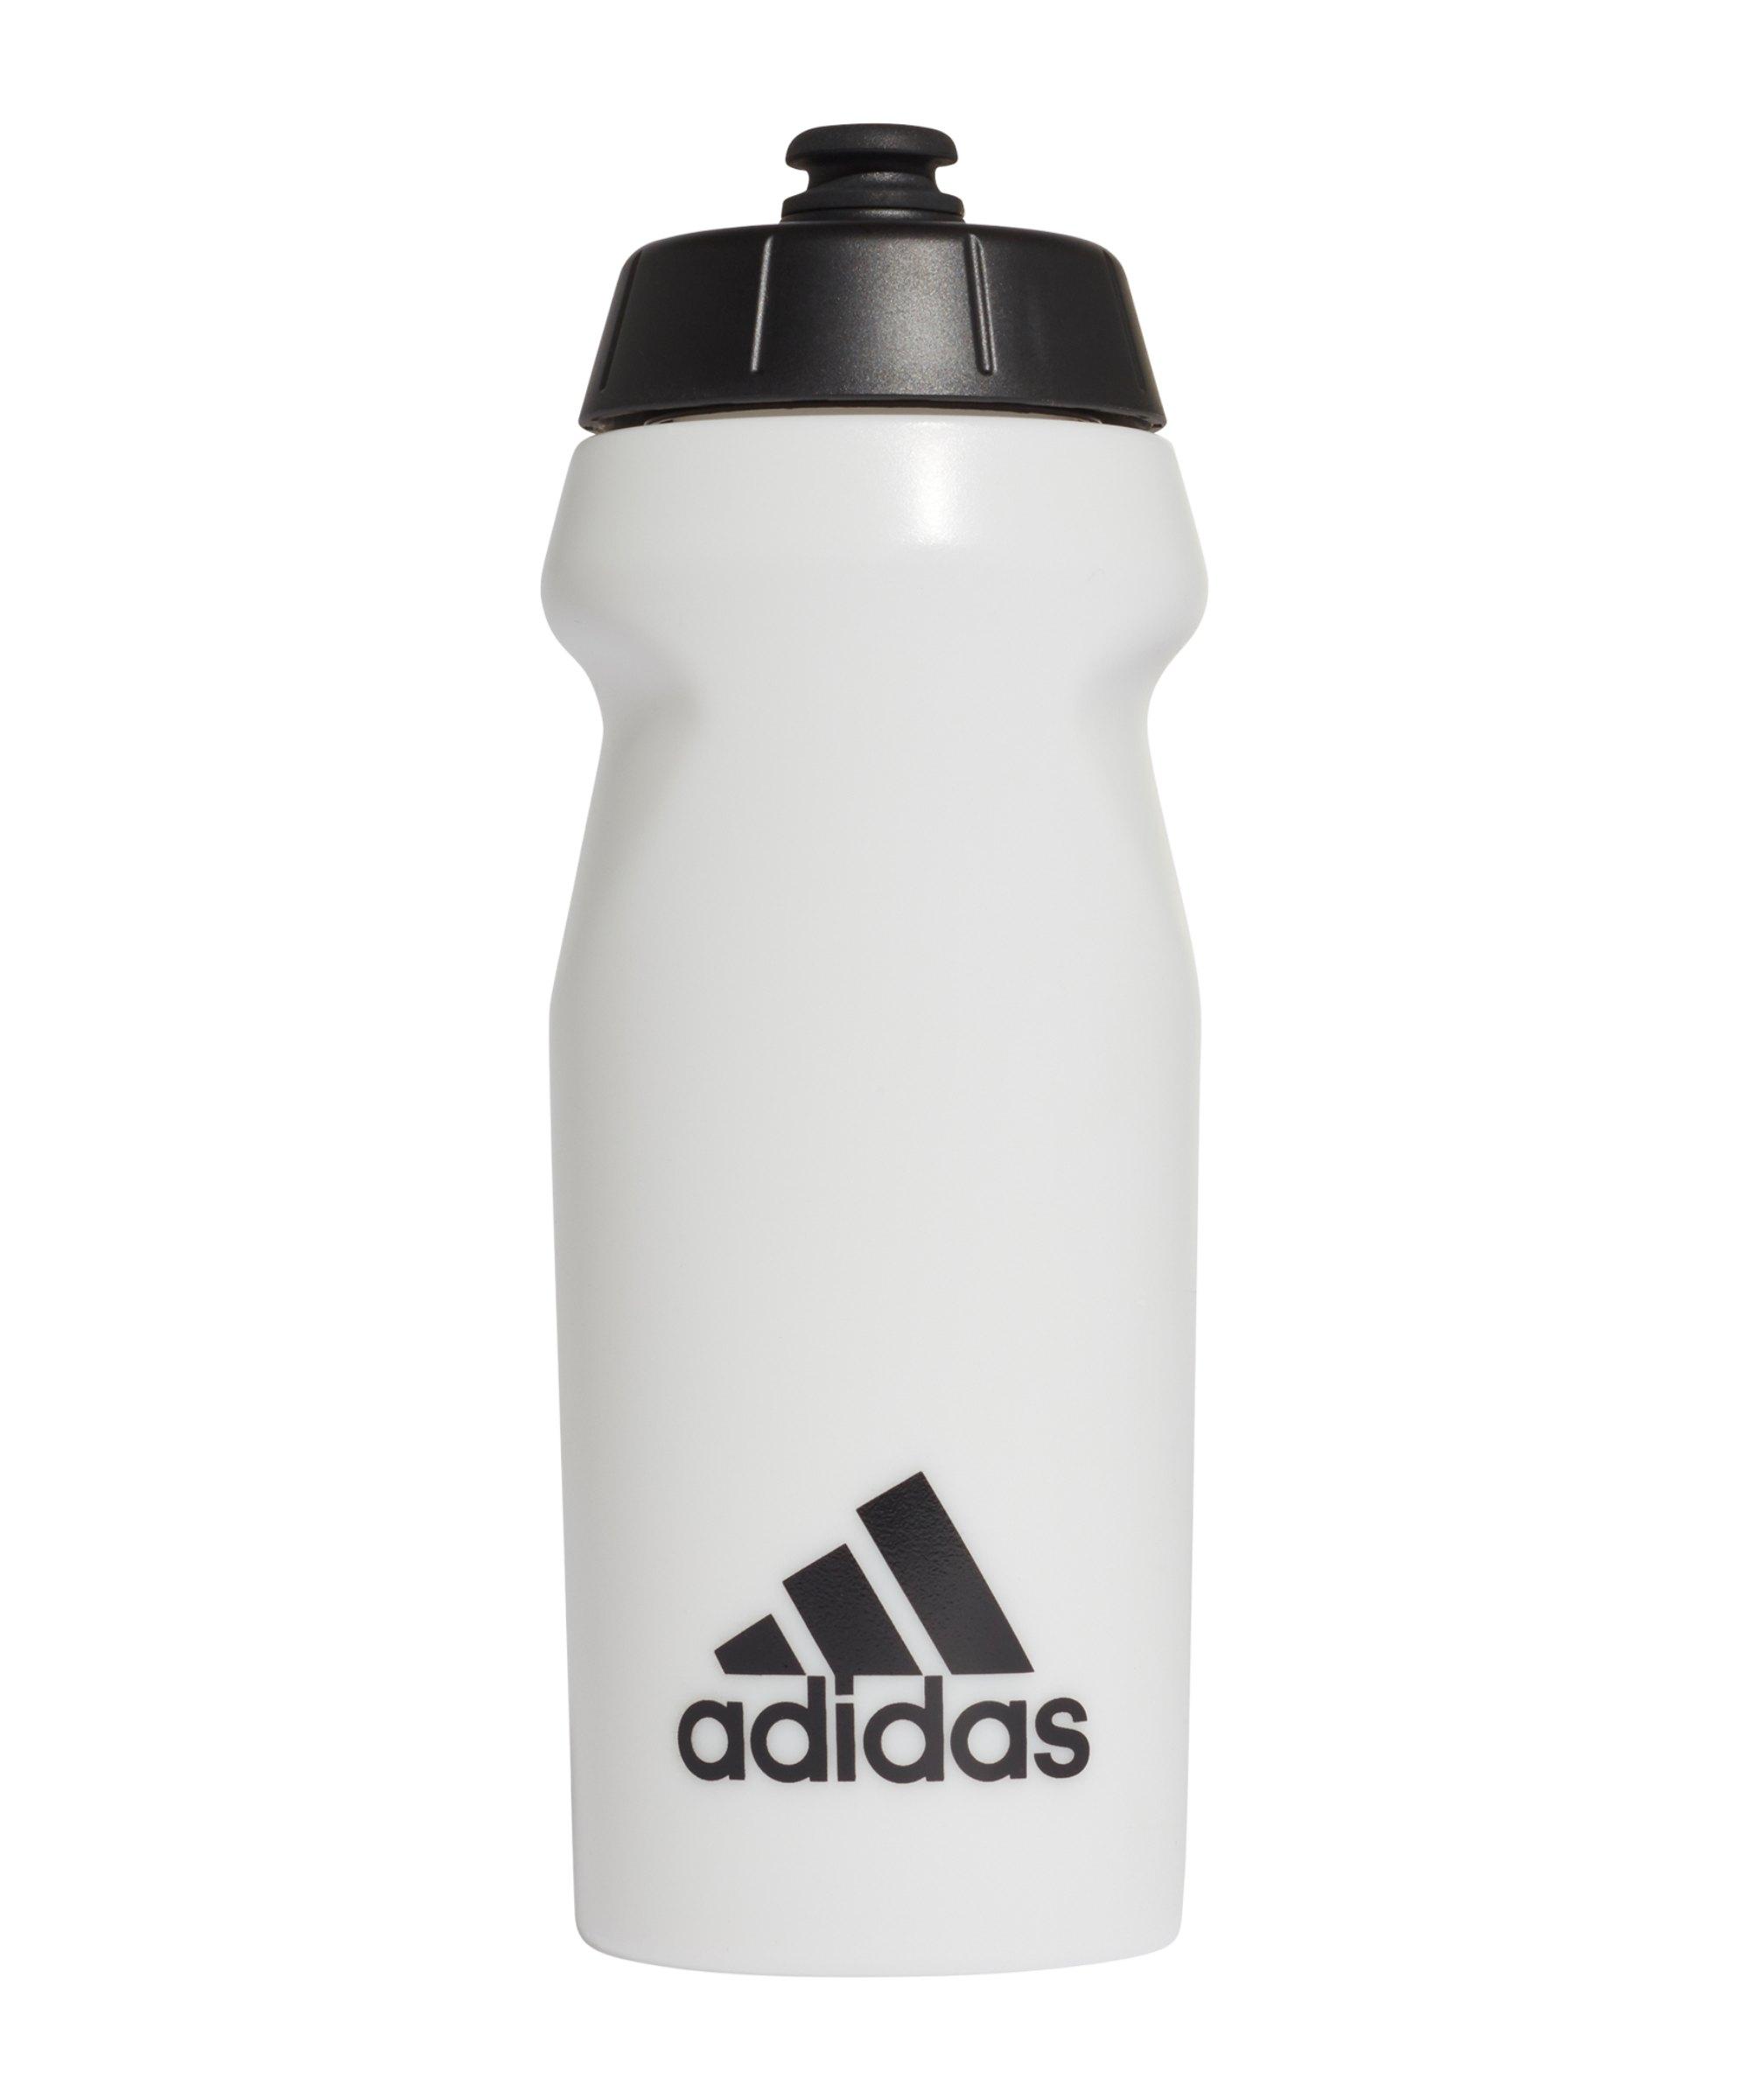 adidas Performance Trinkflasche 500ml Weiss - weiss